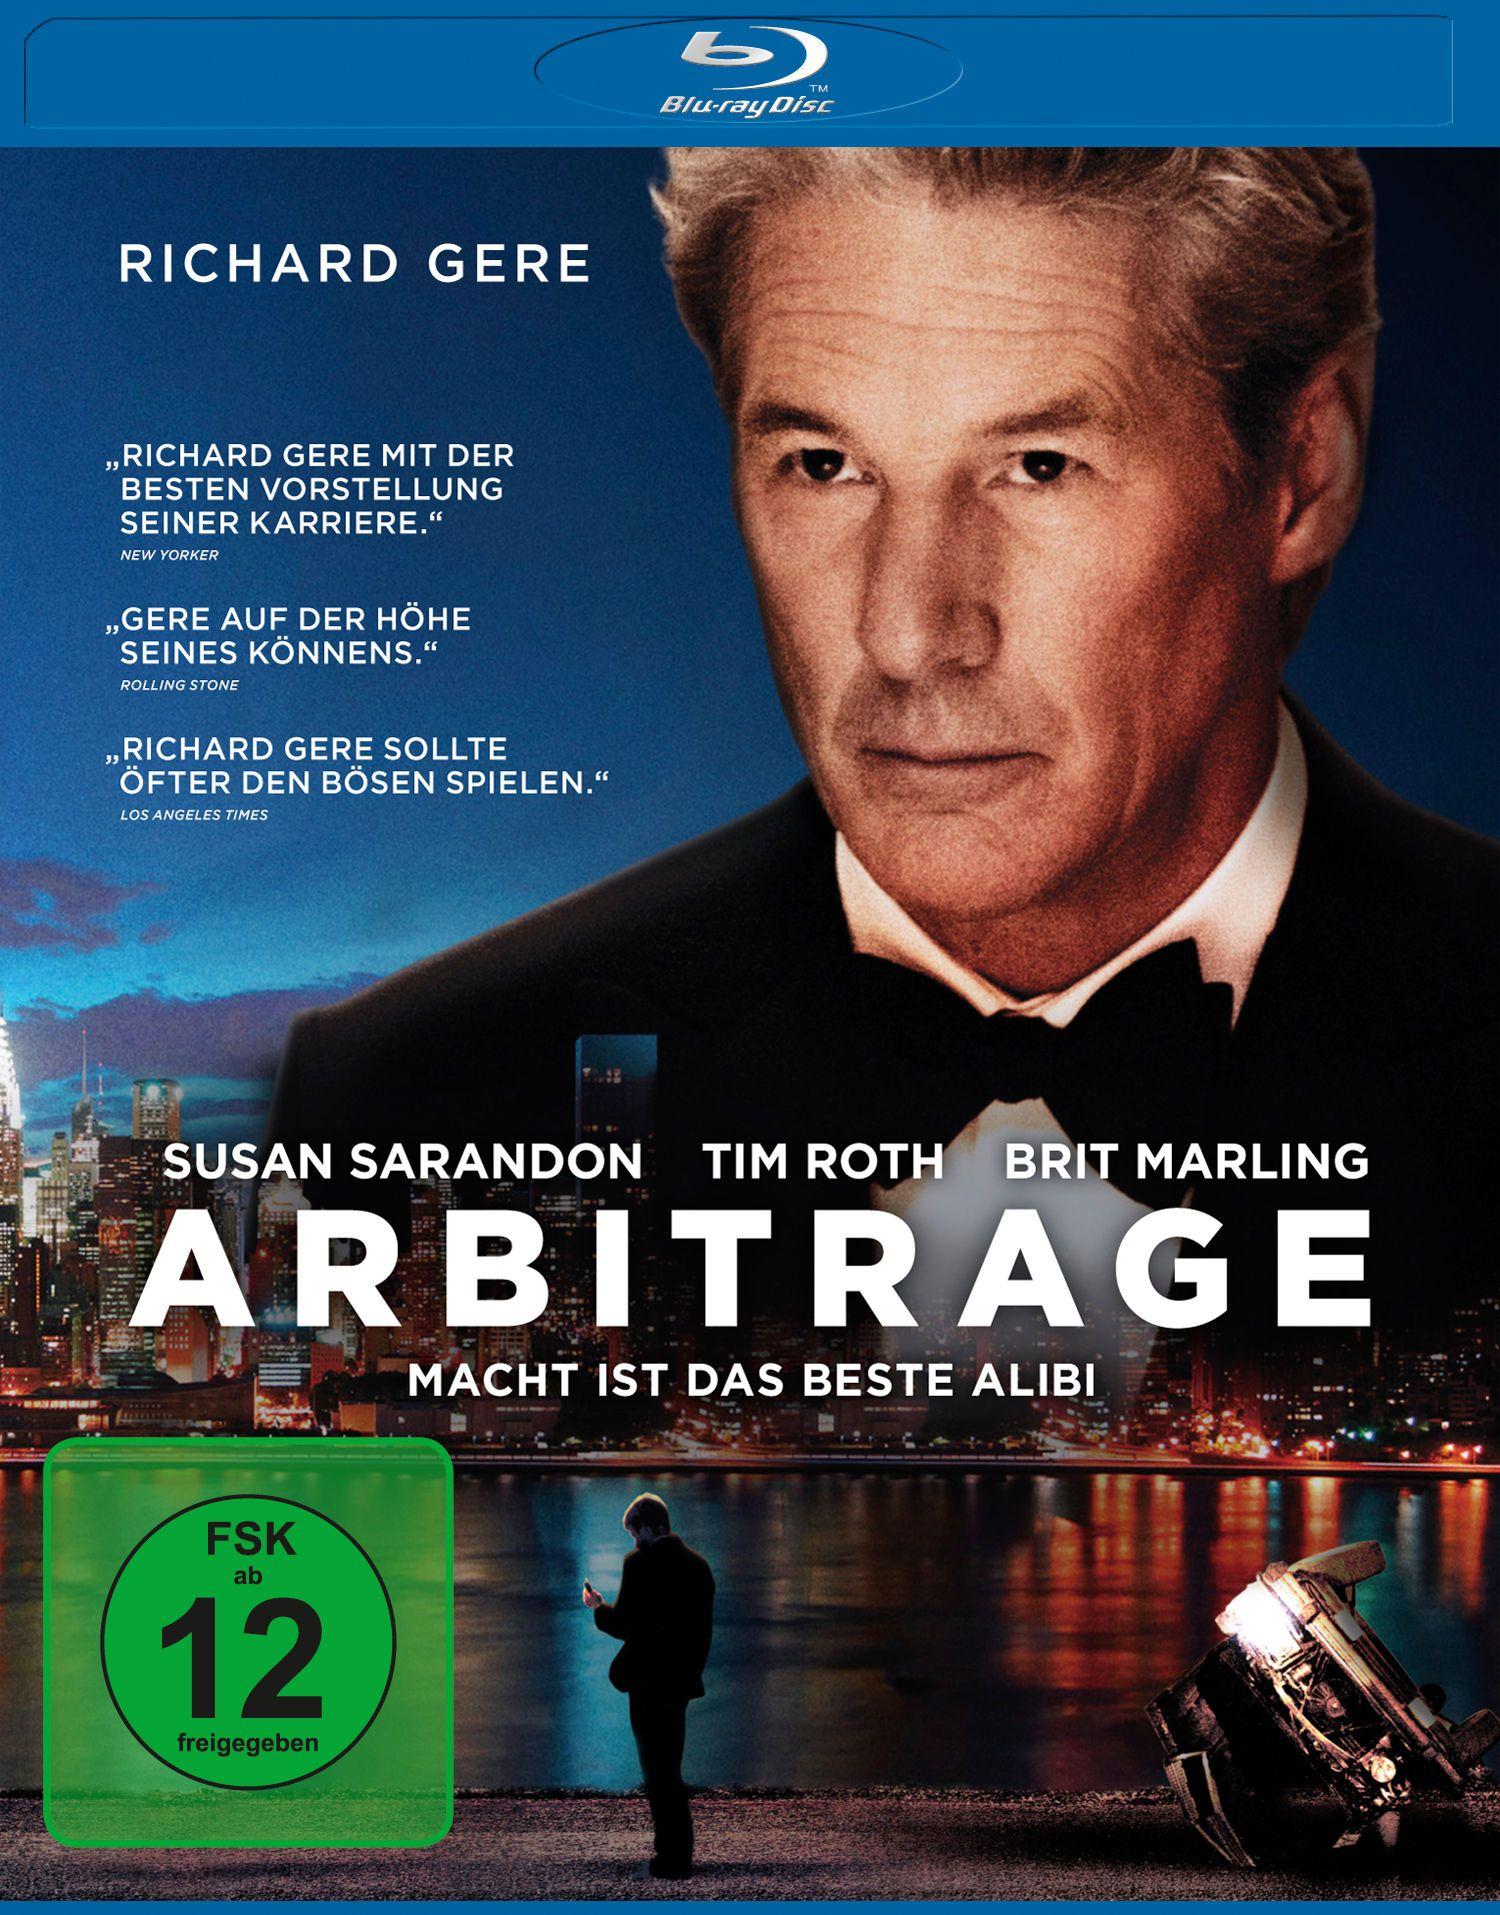 Arbitrage Film